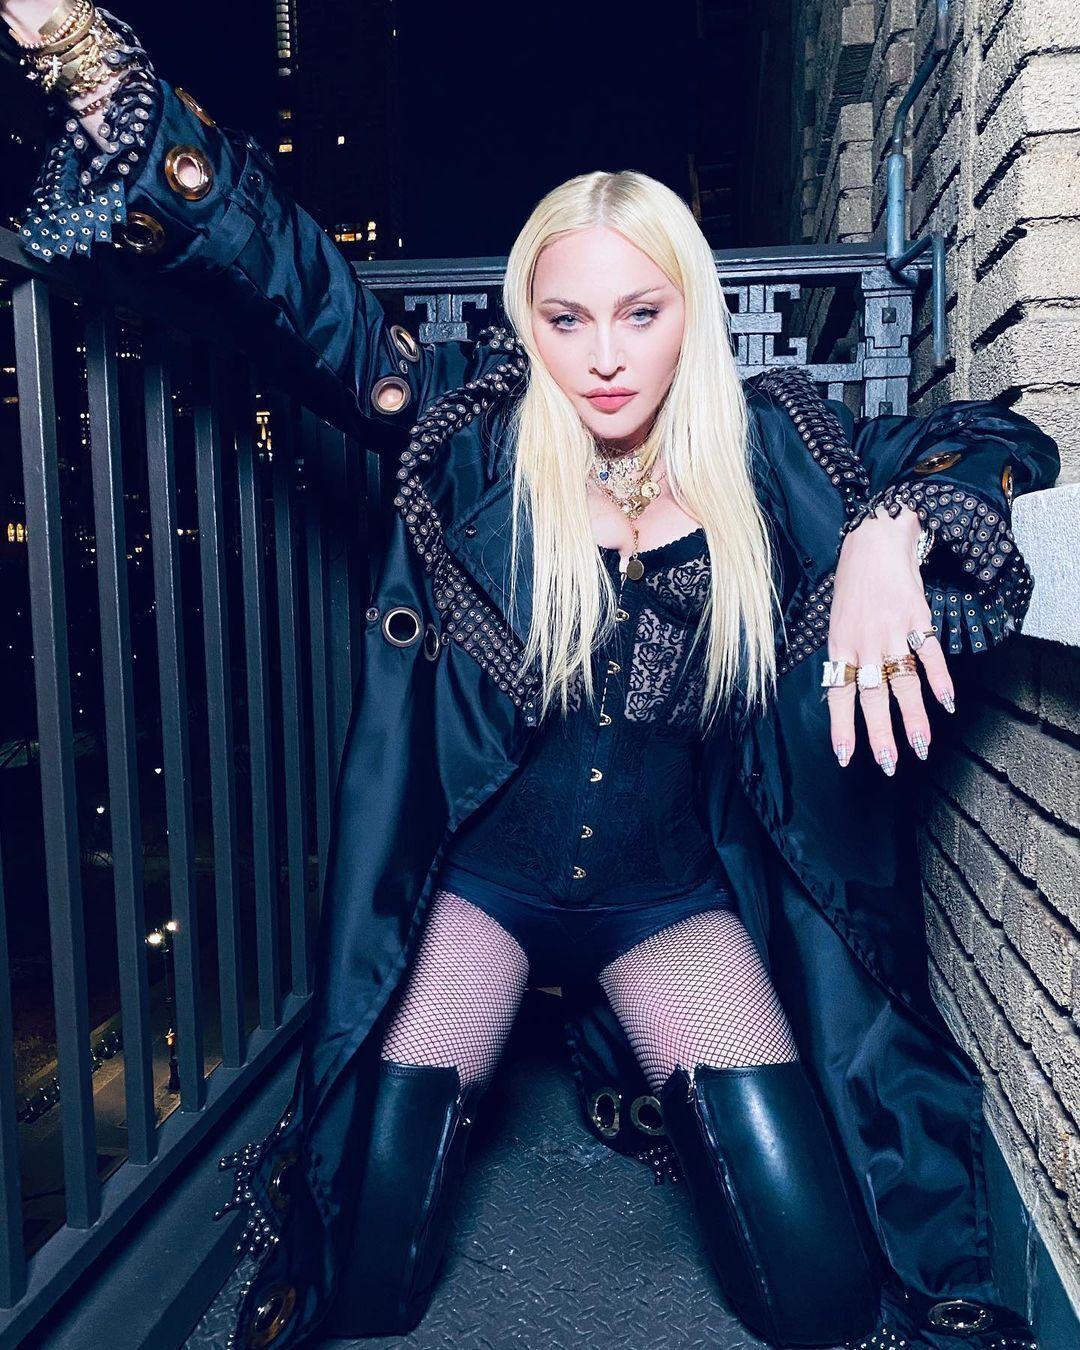 Мадонна сексуально позирует на камеру